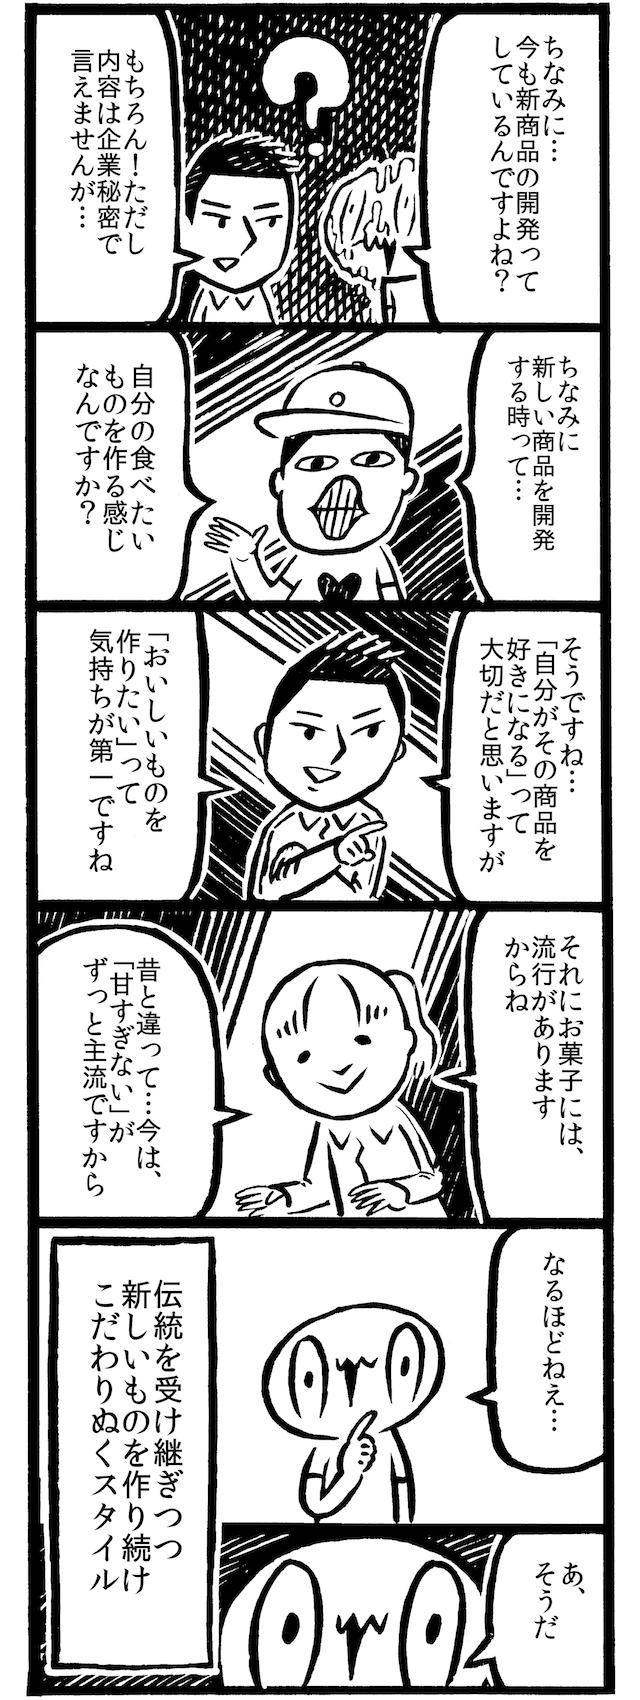 f:id:kakijiro:20160909112950j:plain